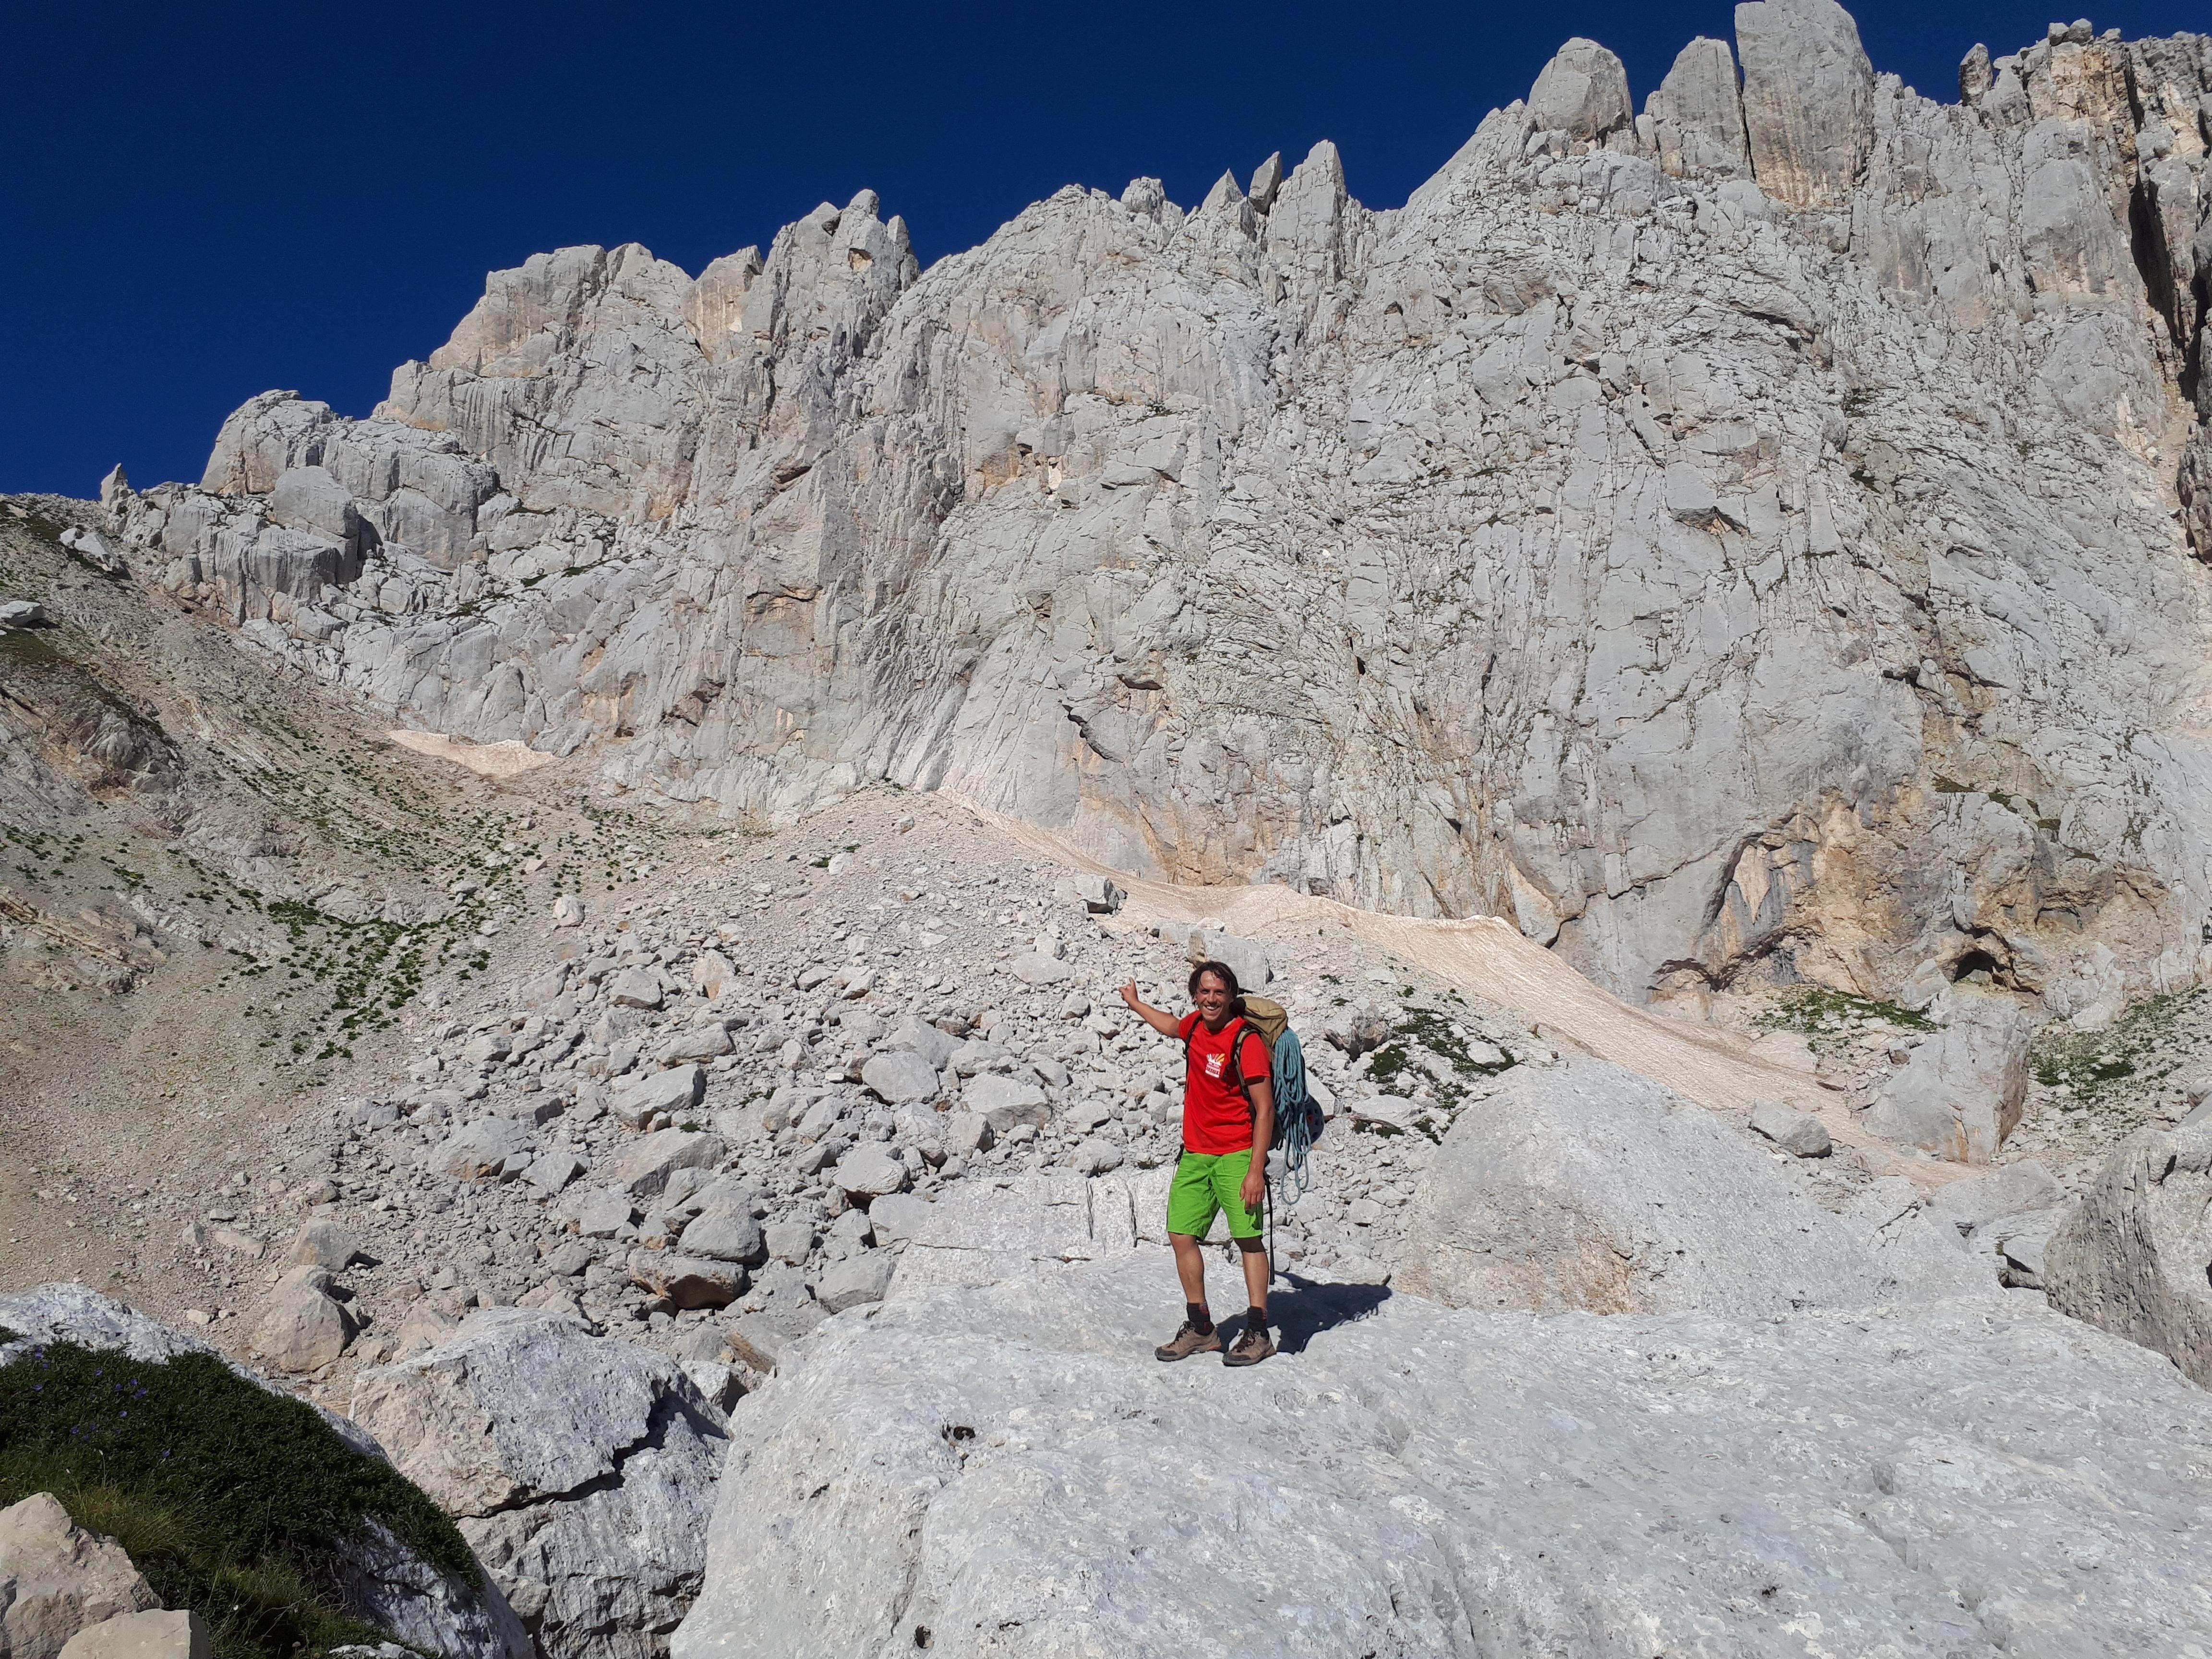 primo approccio alla bastionata del Corno Piccolo, solcata da vie di arrampicata: già ci piace!